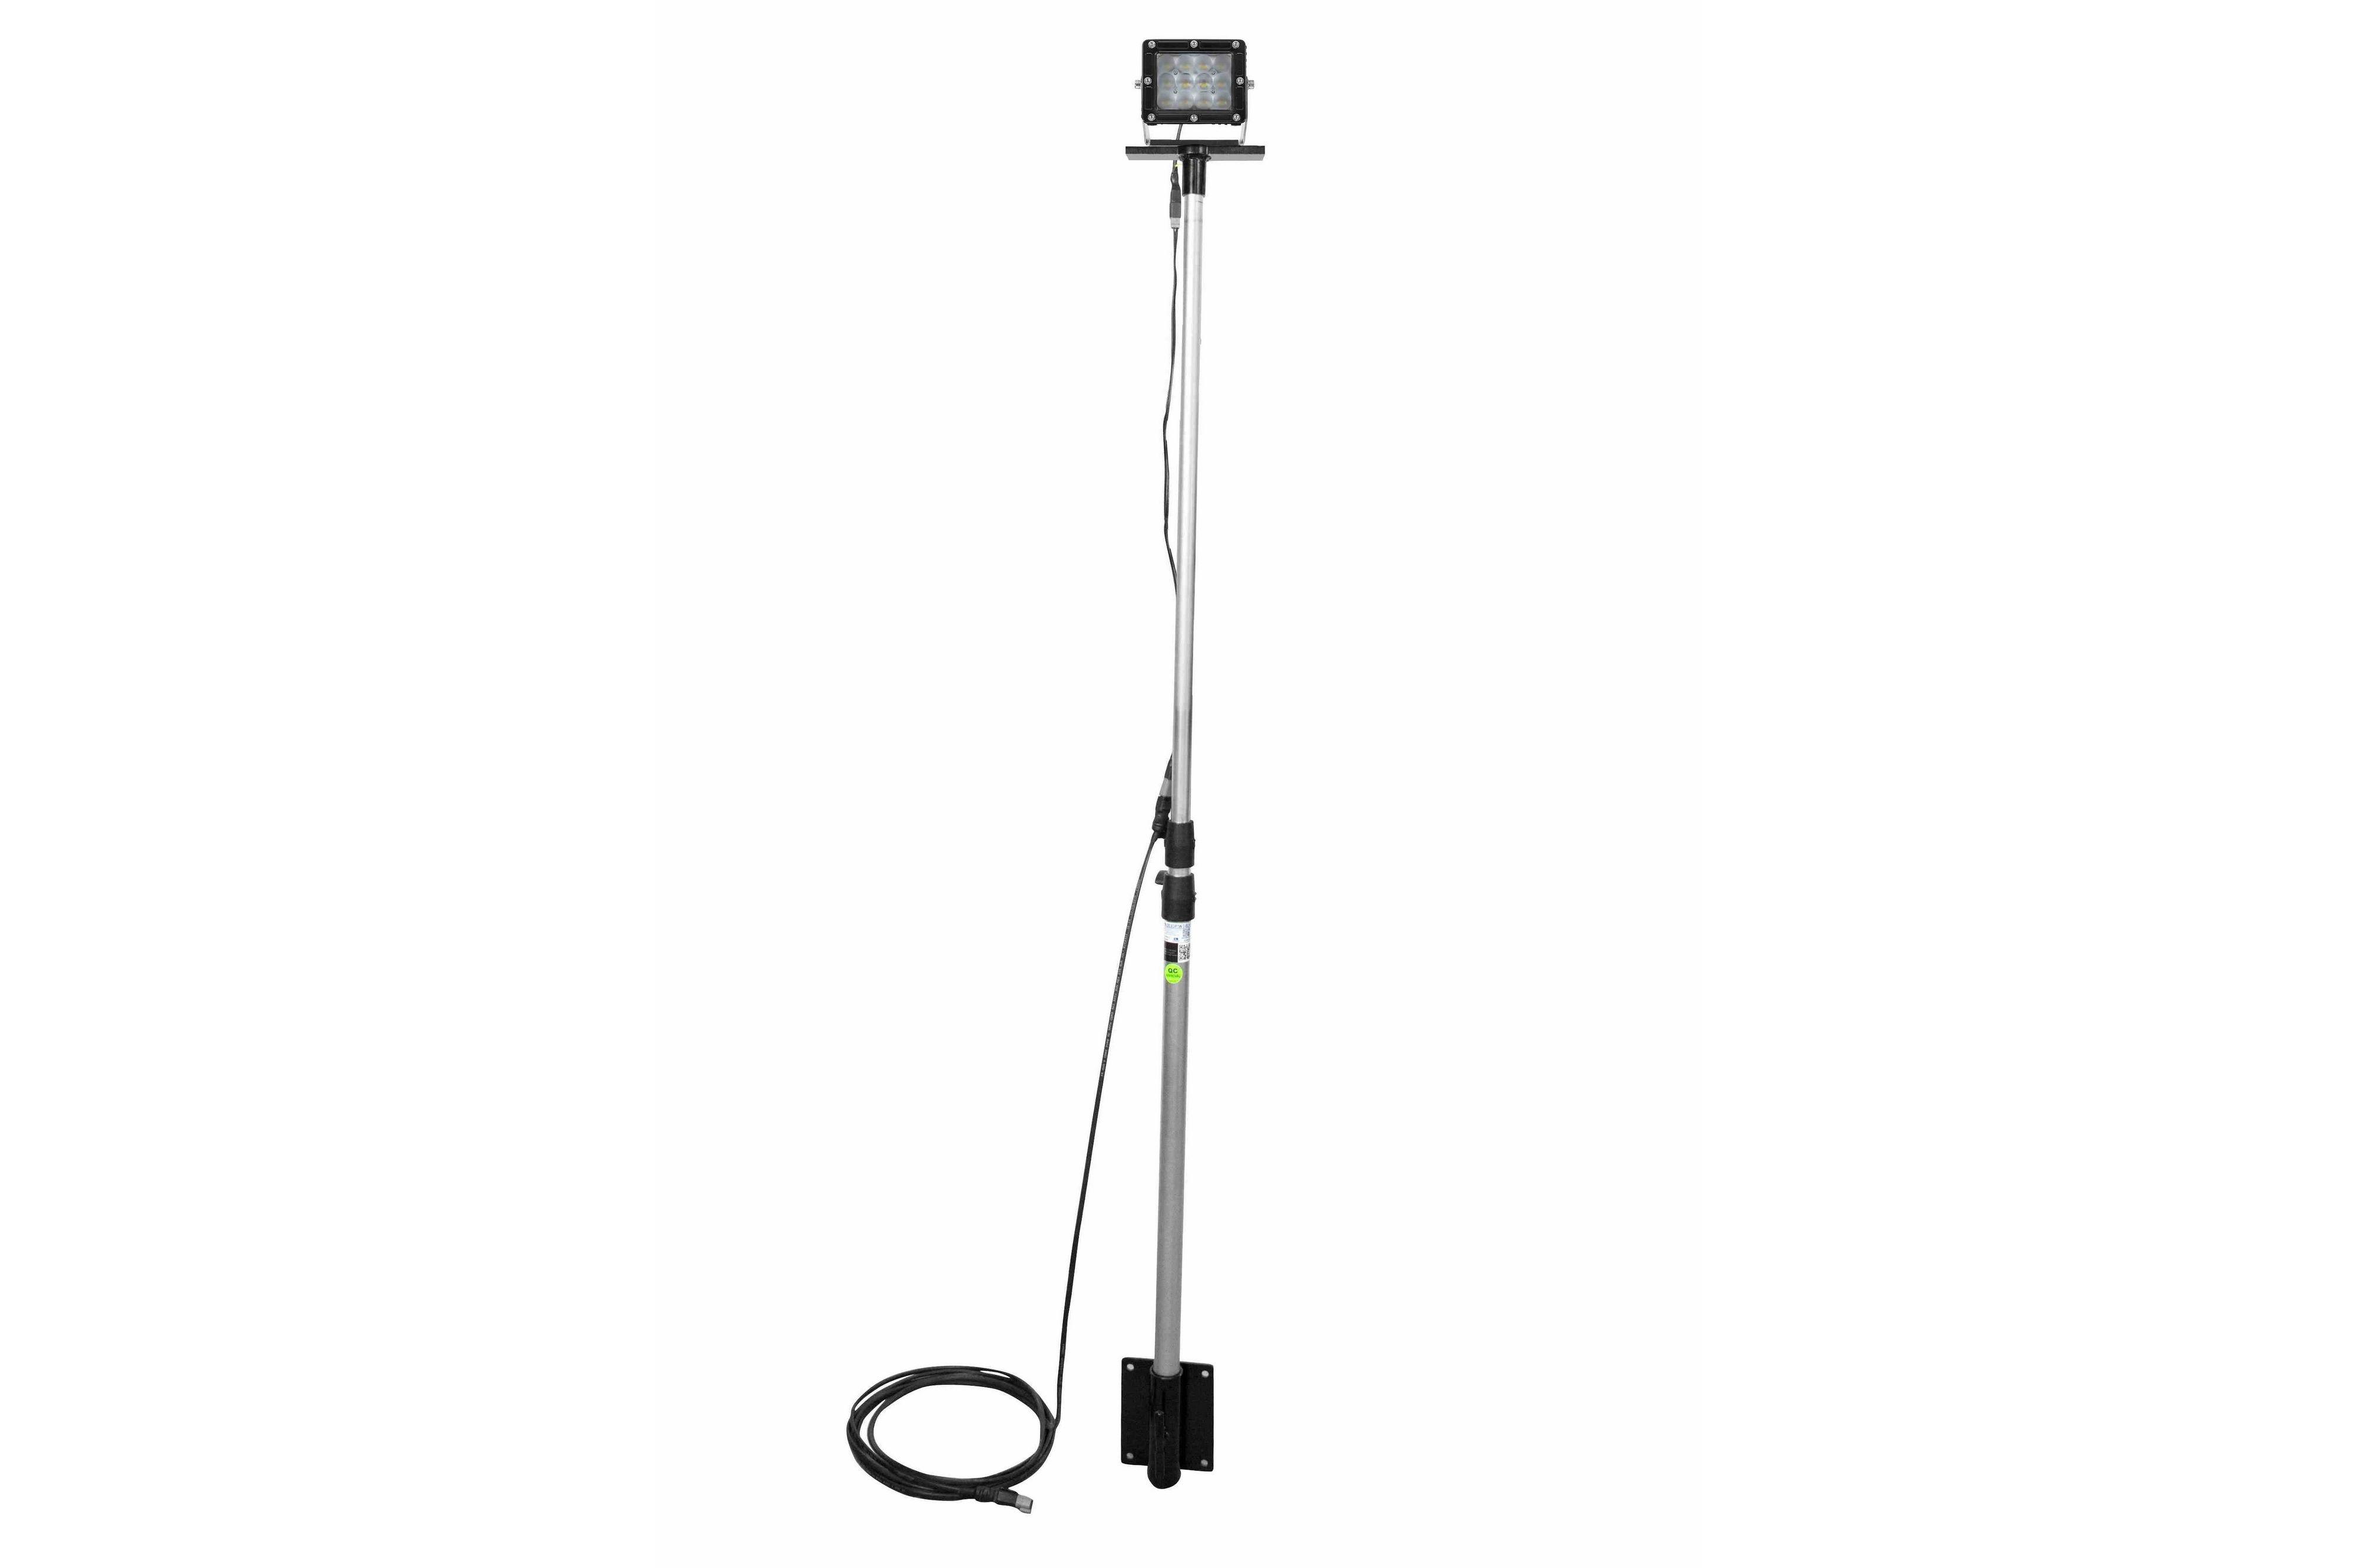 larson electronics - 60w led pole light - 3 u0026 39  to 8 5 u0026 39  adjustable - 9-64v dc  2 wiring